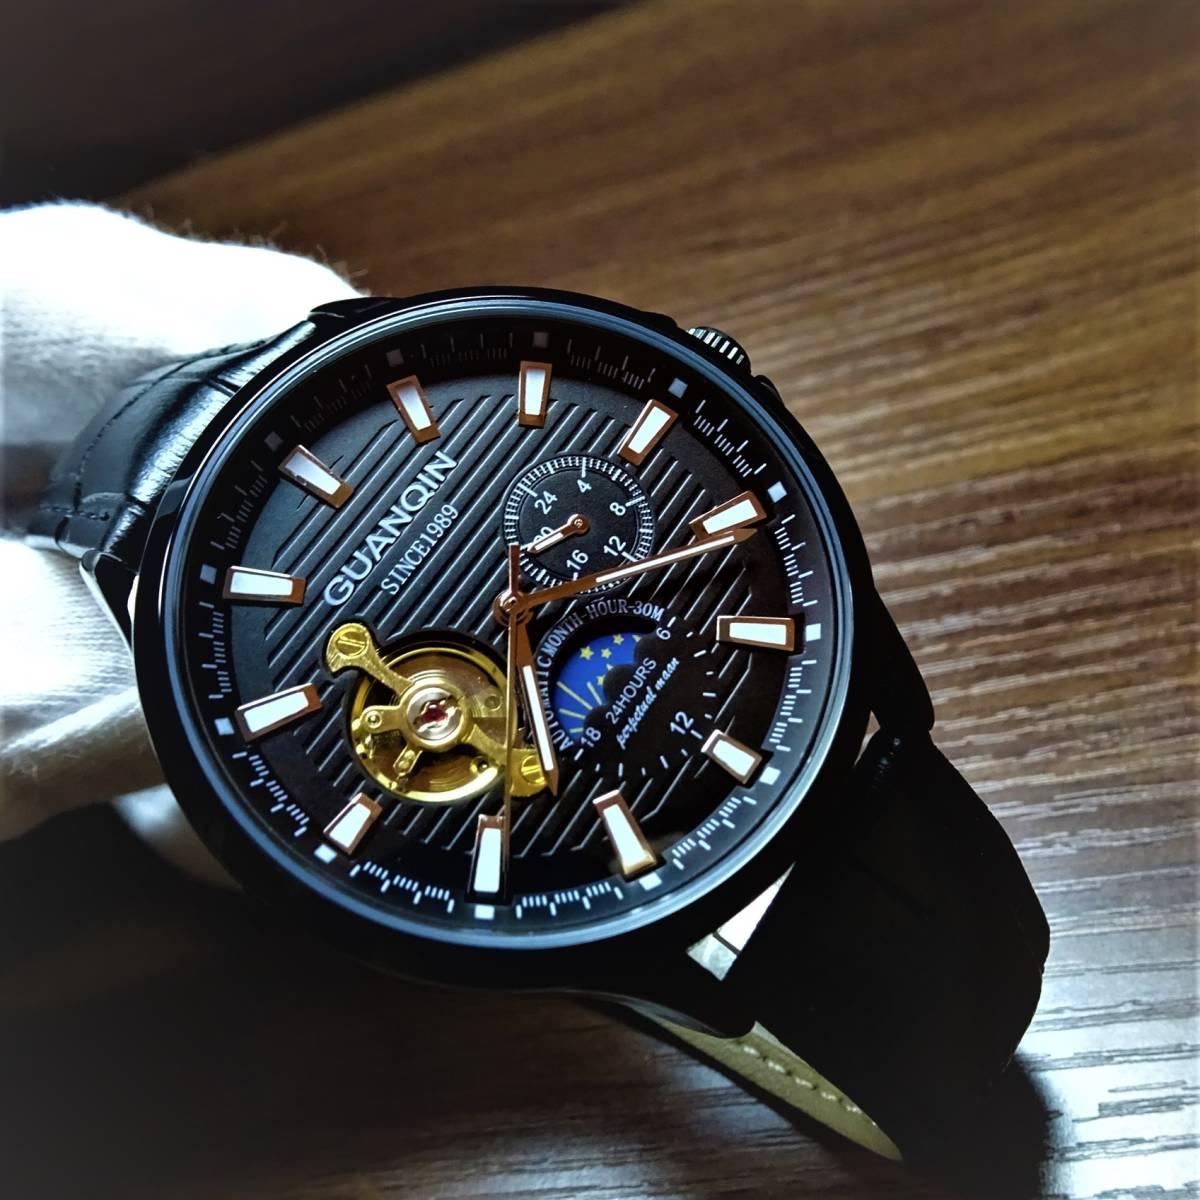 〓新品〓自動巻機械式腕時計 ウォッチ メンズ ムーンフェイズ トゥールビヨンデザイン 24時間表示 本革ベルトGUANQINブランド〓ブラック